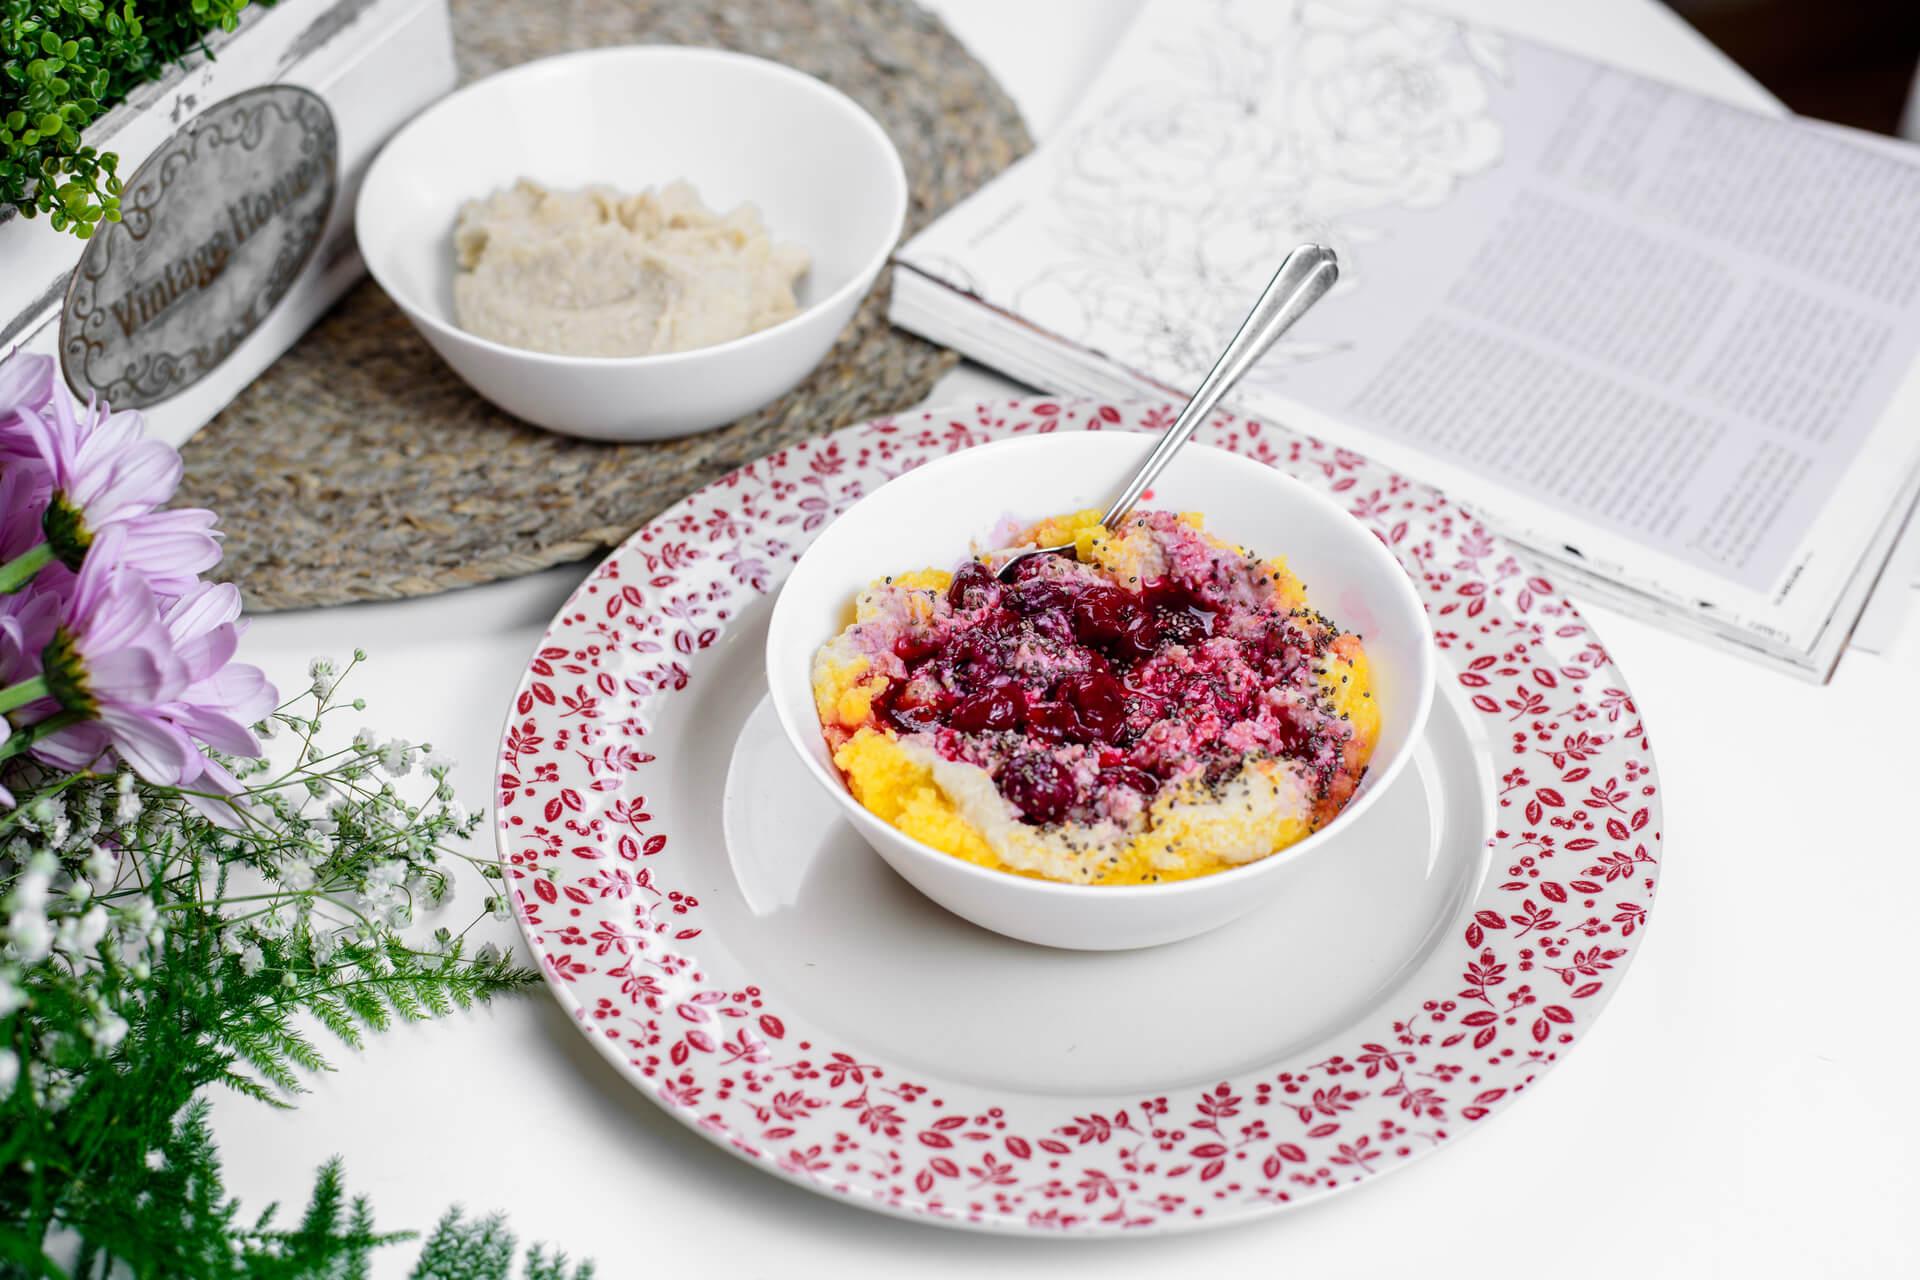 slatka palenta, slatka palenta sa višnjama, palenta, kačamak, slatki kačamak, zdravo, doručak, palenta za doručak, palenta recept, Iceberg Salat Centar